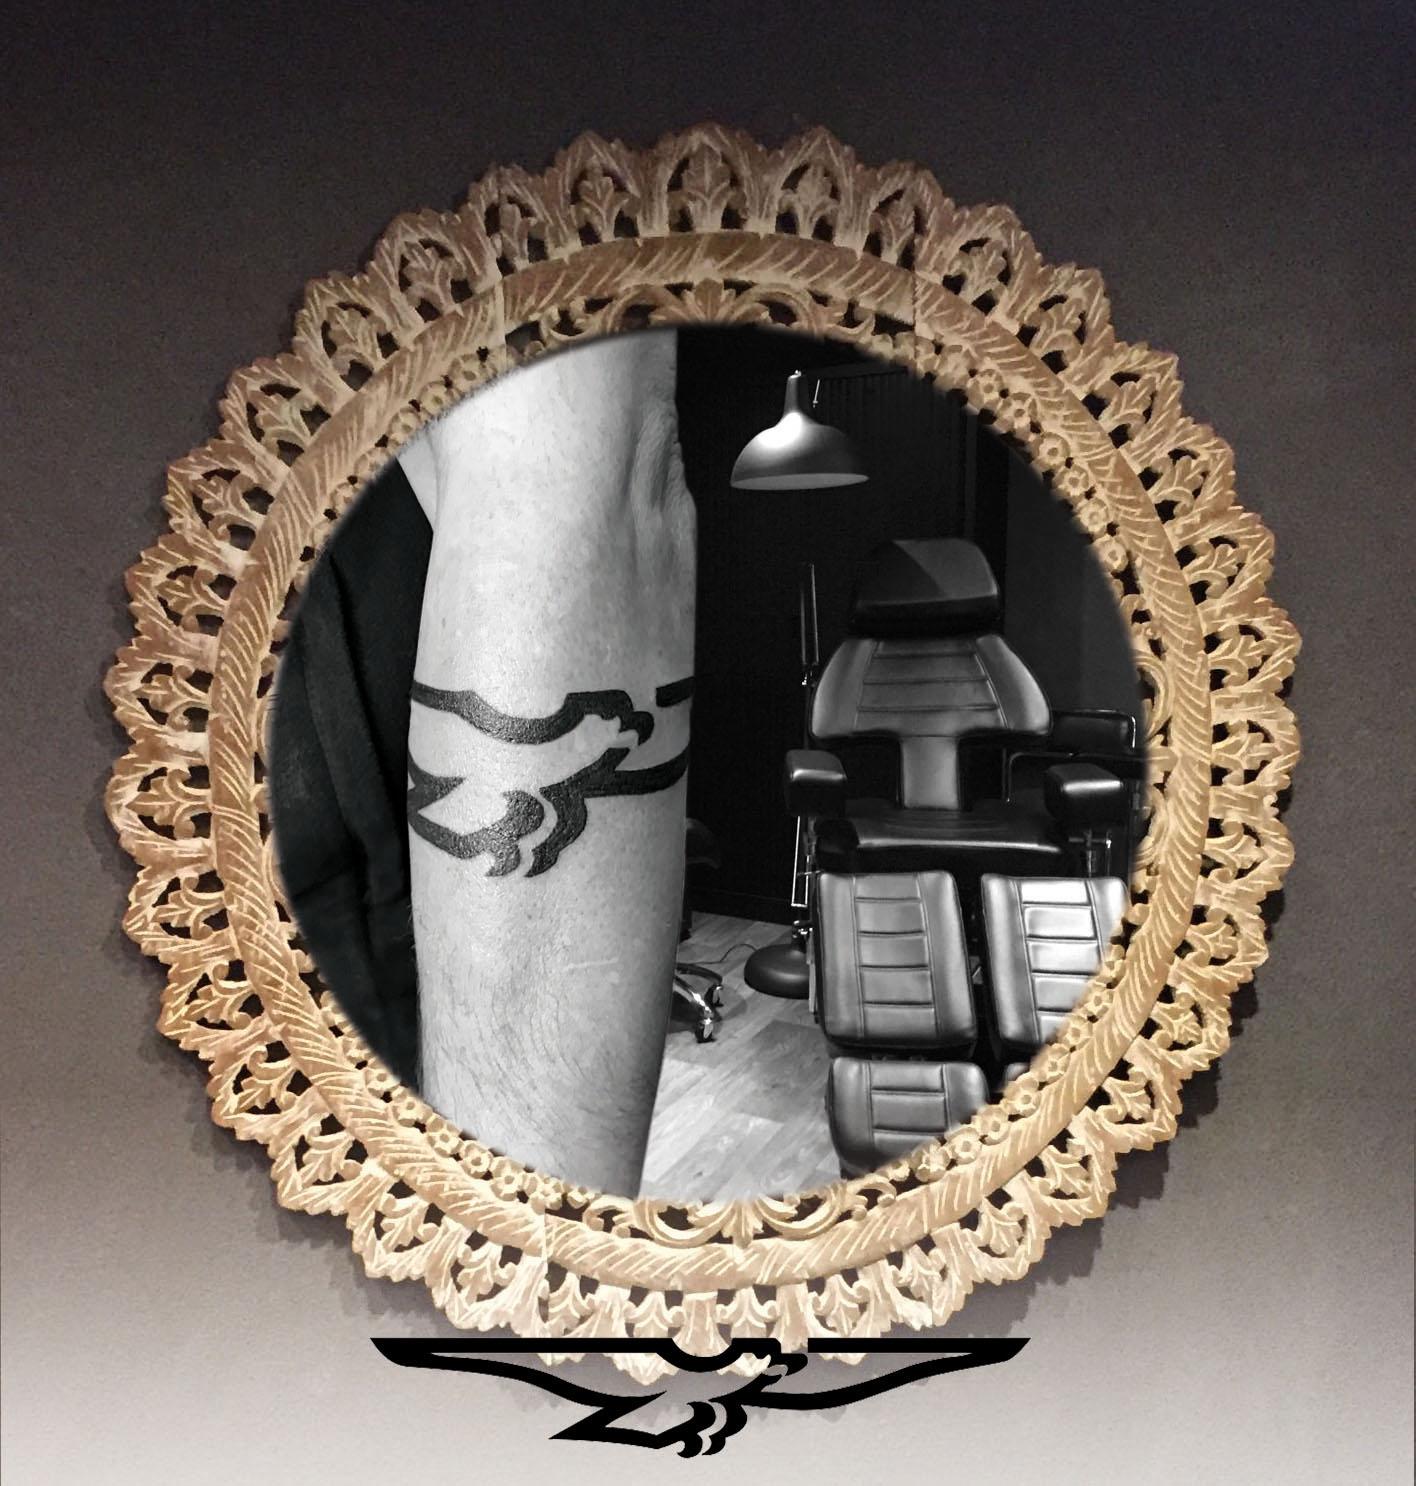 MOTO GUZZI tatoeage